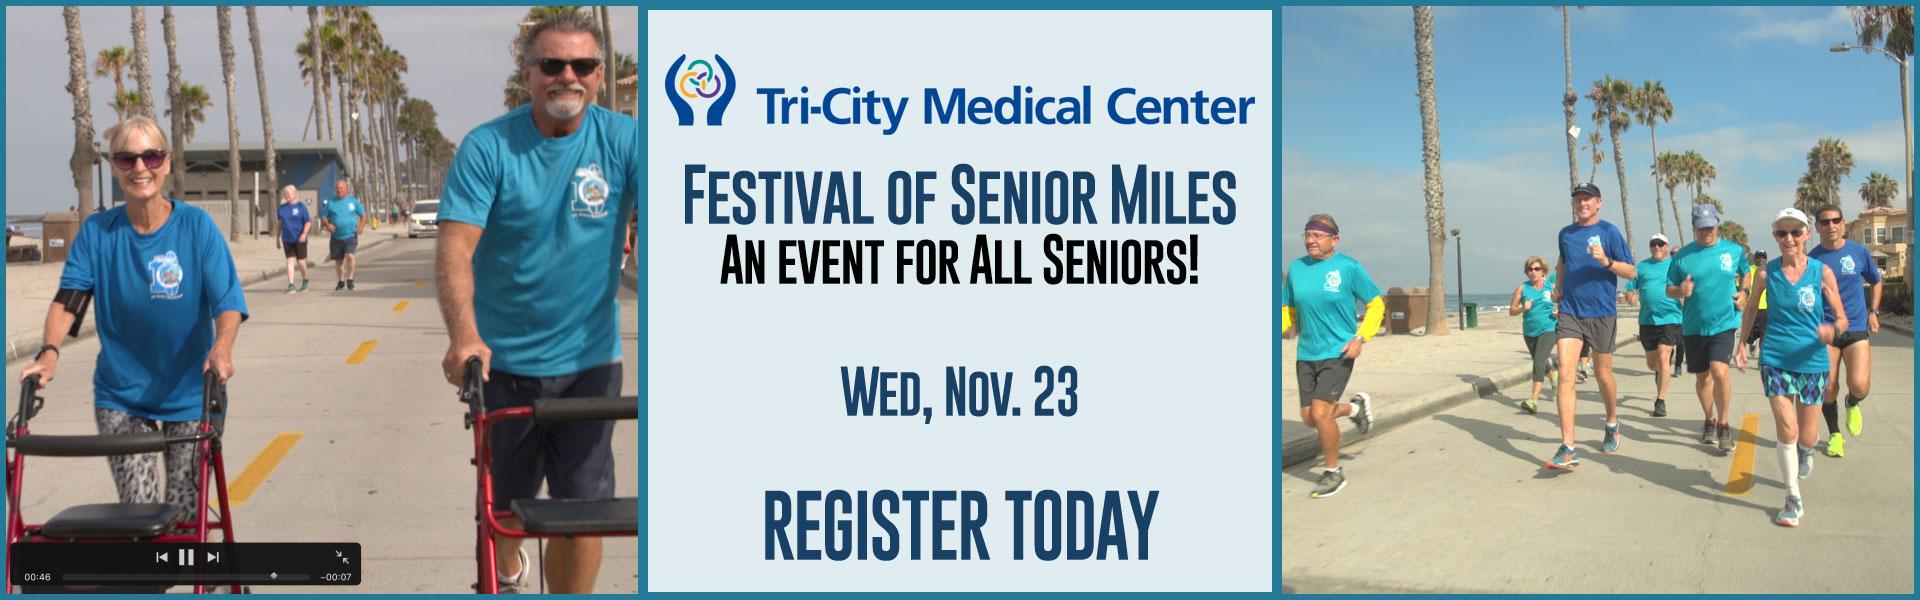 festival of senior miles